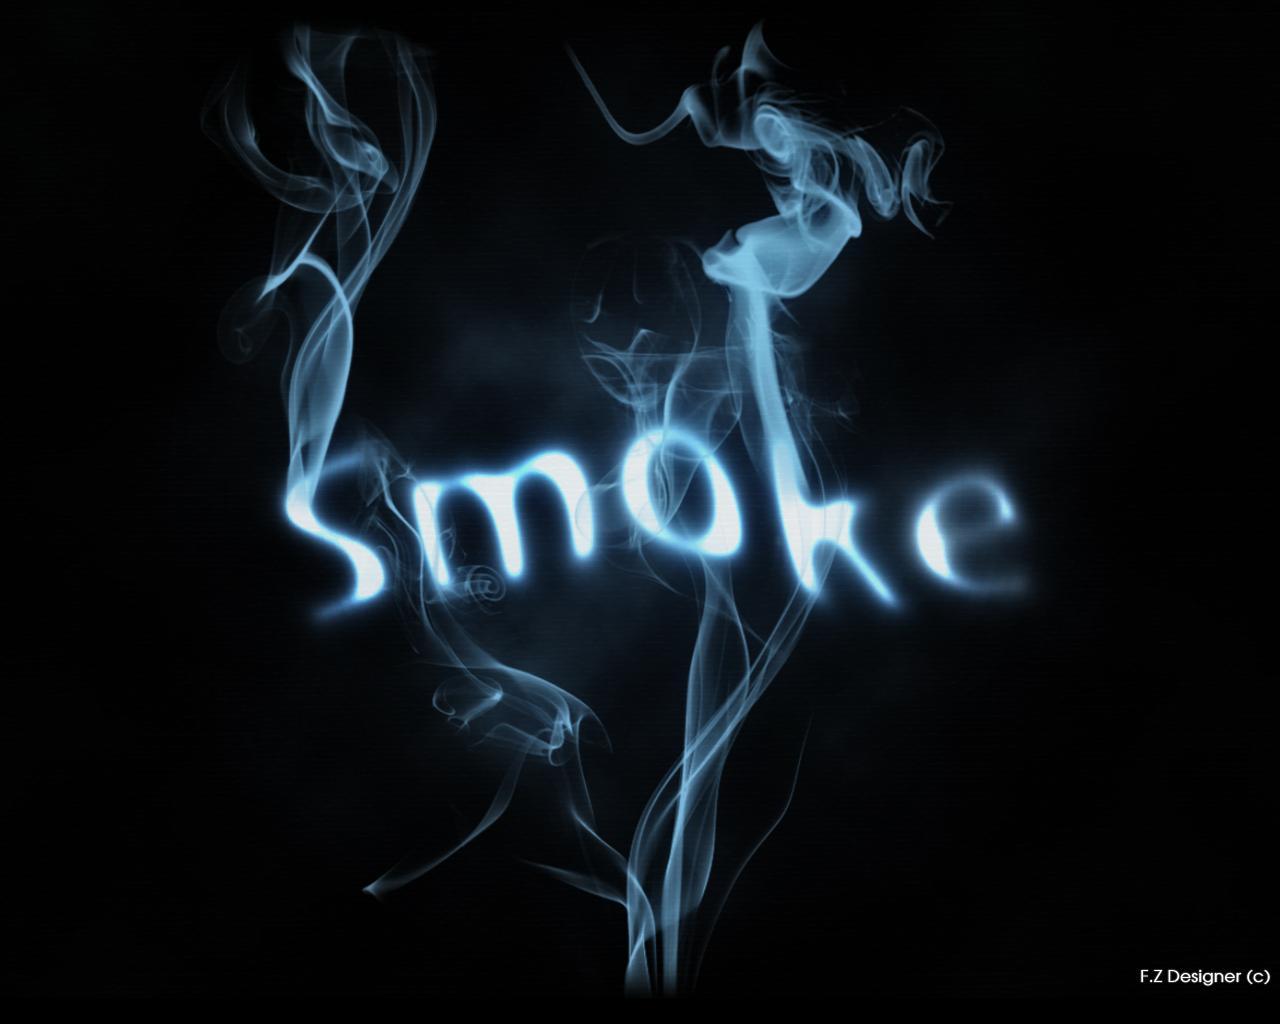 Love smoke wallpaper wallpapersafari